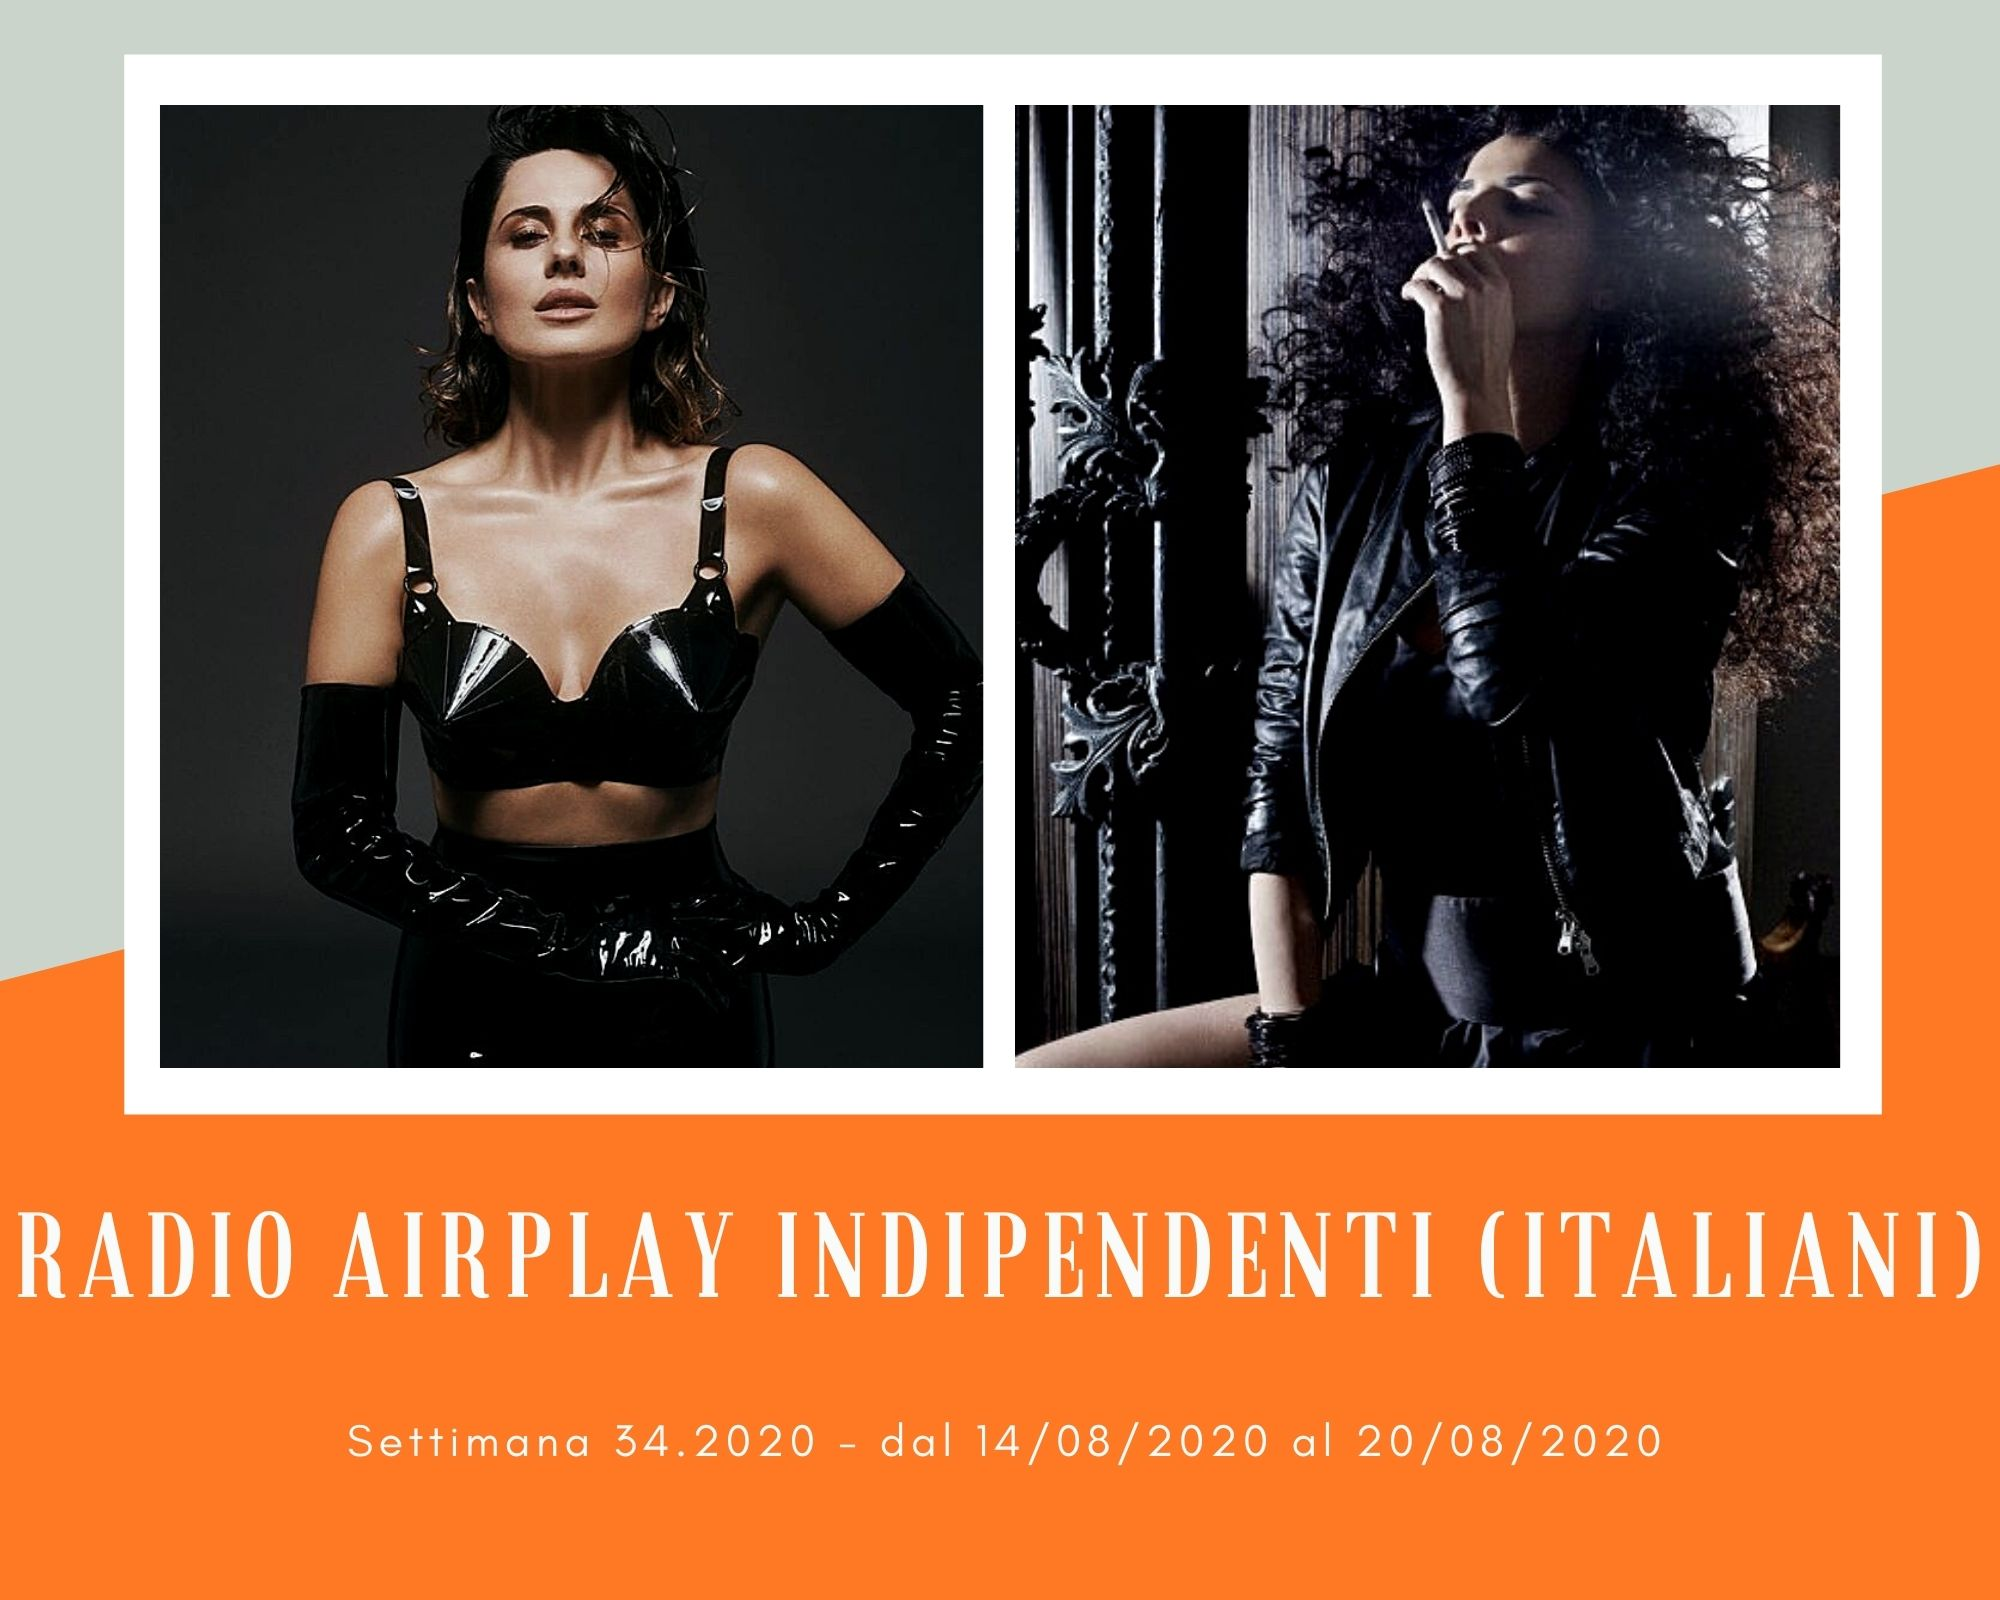 Classifica Radio Airplay Indipendenti Italiani, week 34: Mietta e Paola Iezzi si sfidano, Arisa e Mario Biondi avanzano